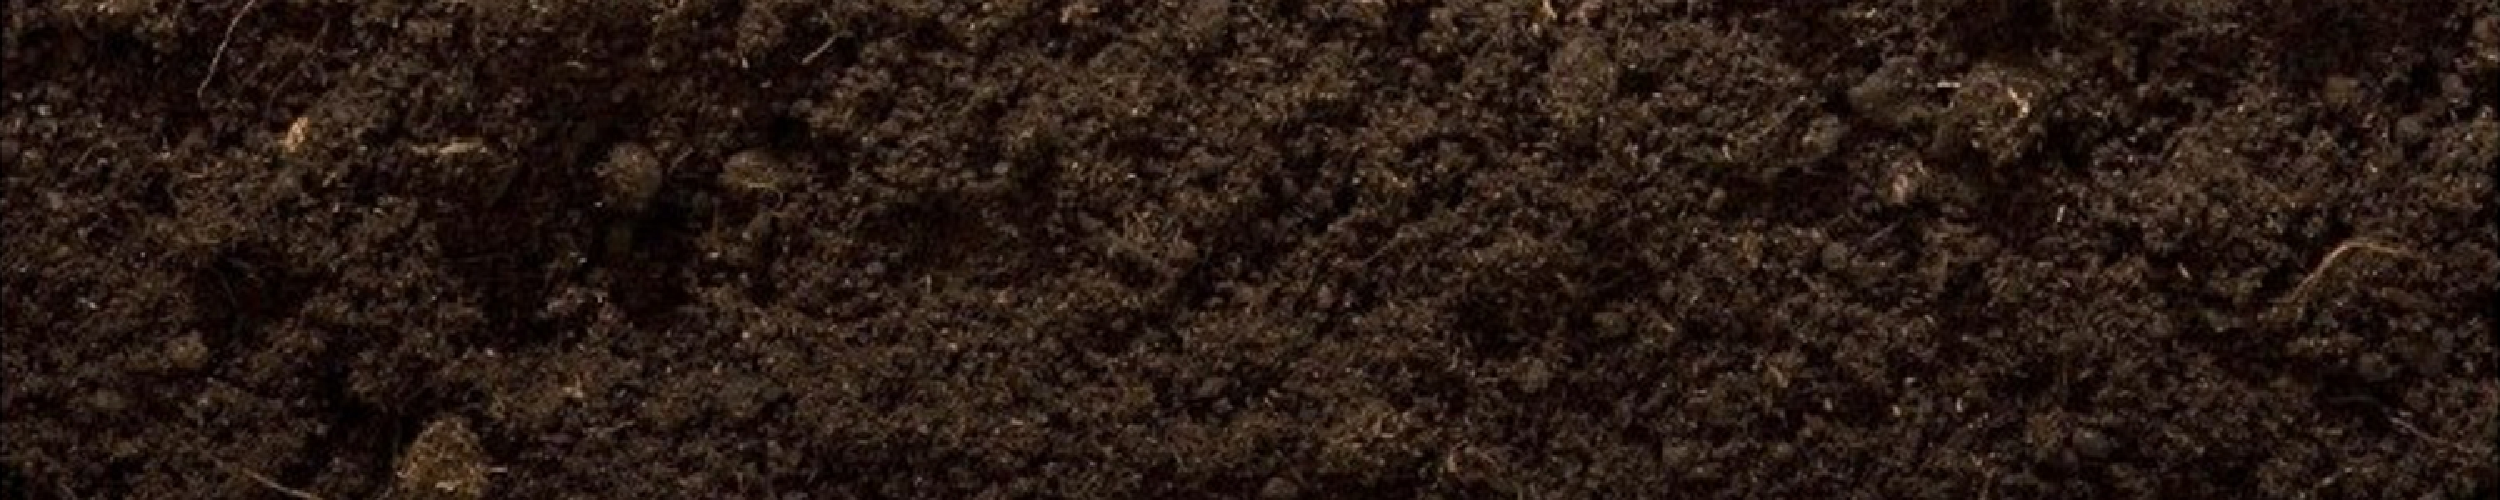 Hoeveel 'universele potgrond' dient te worden toegevoegd aan de toplaag van 10 cm dikte en dit over 1 ha en dit om het gehalte aan organisch materiaal in die toplaag met 1% te doen toenemen?